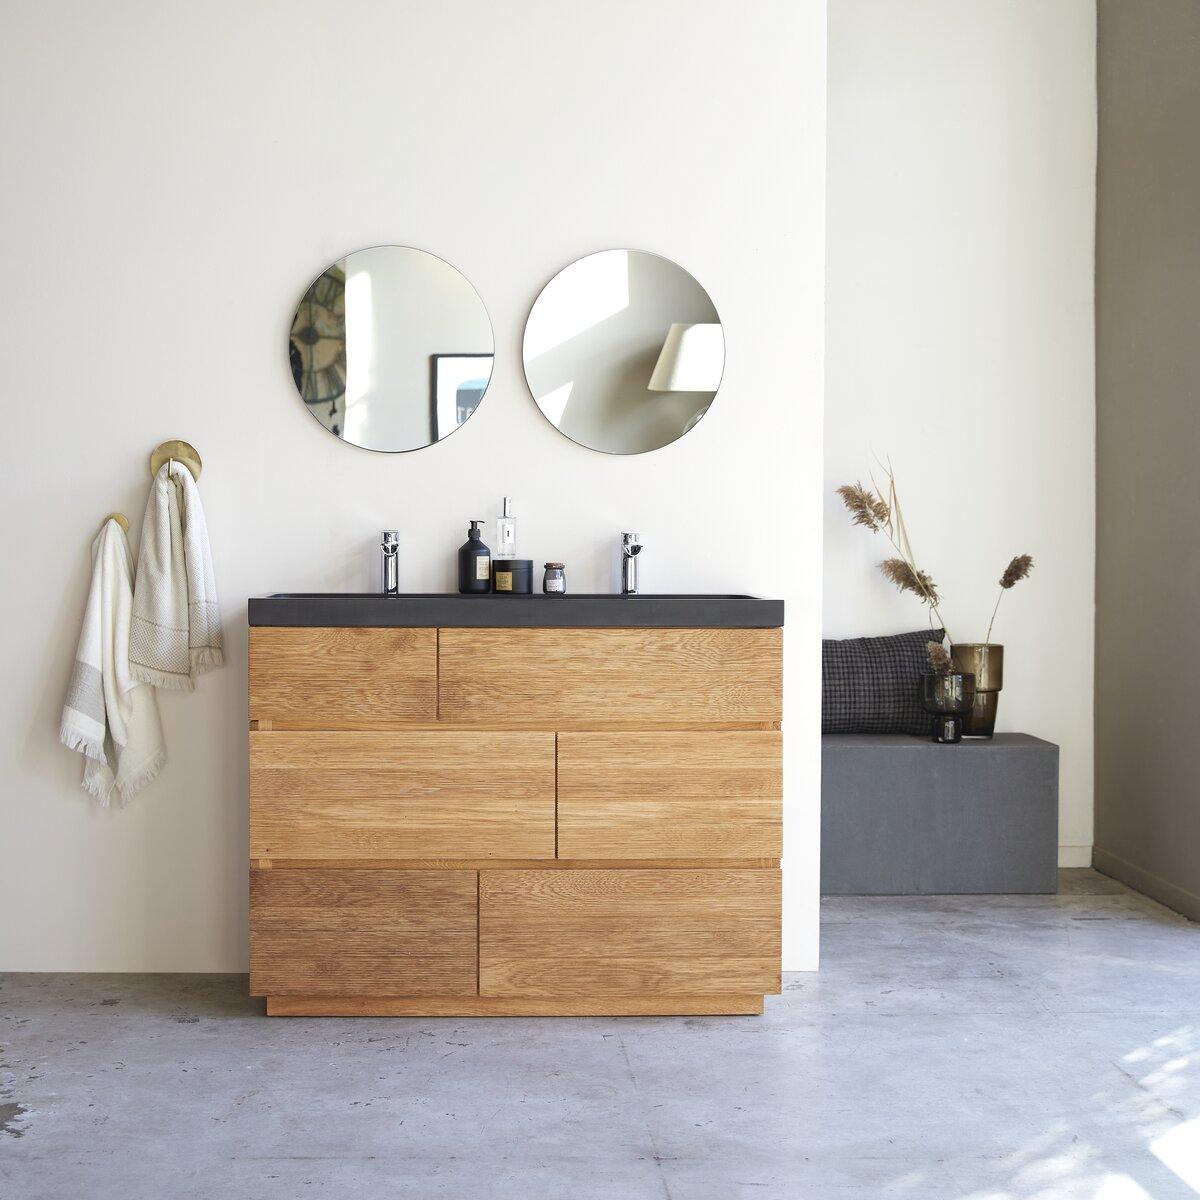 Meuble Salle de bain en chêne massif et pierre de lave 120